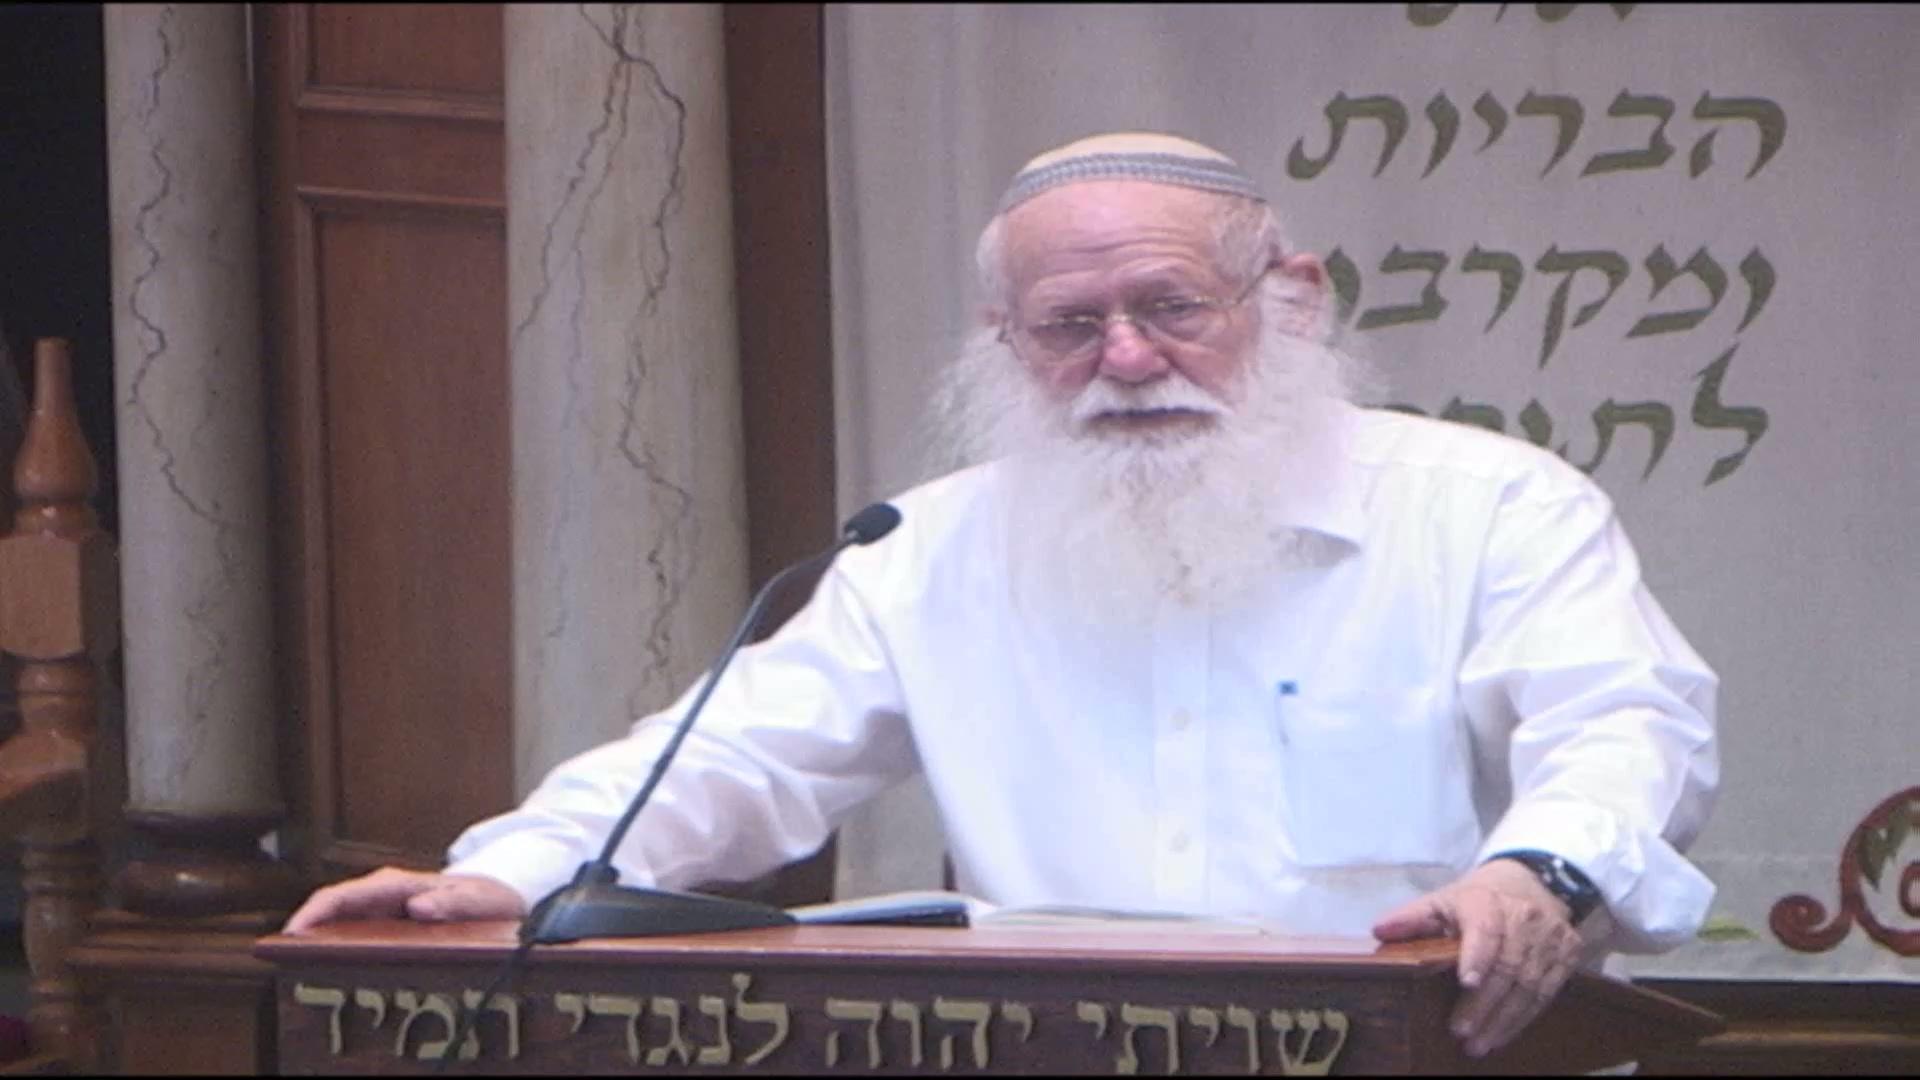 אם השם של המנהיג של עם ישראל הוא שם נוכרי מה המשמעות של הדבר ?